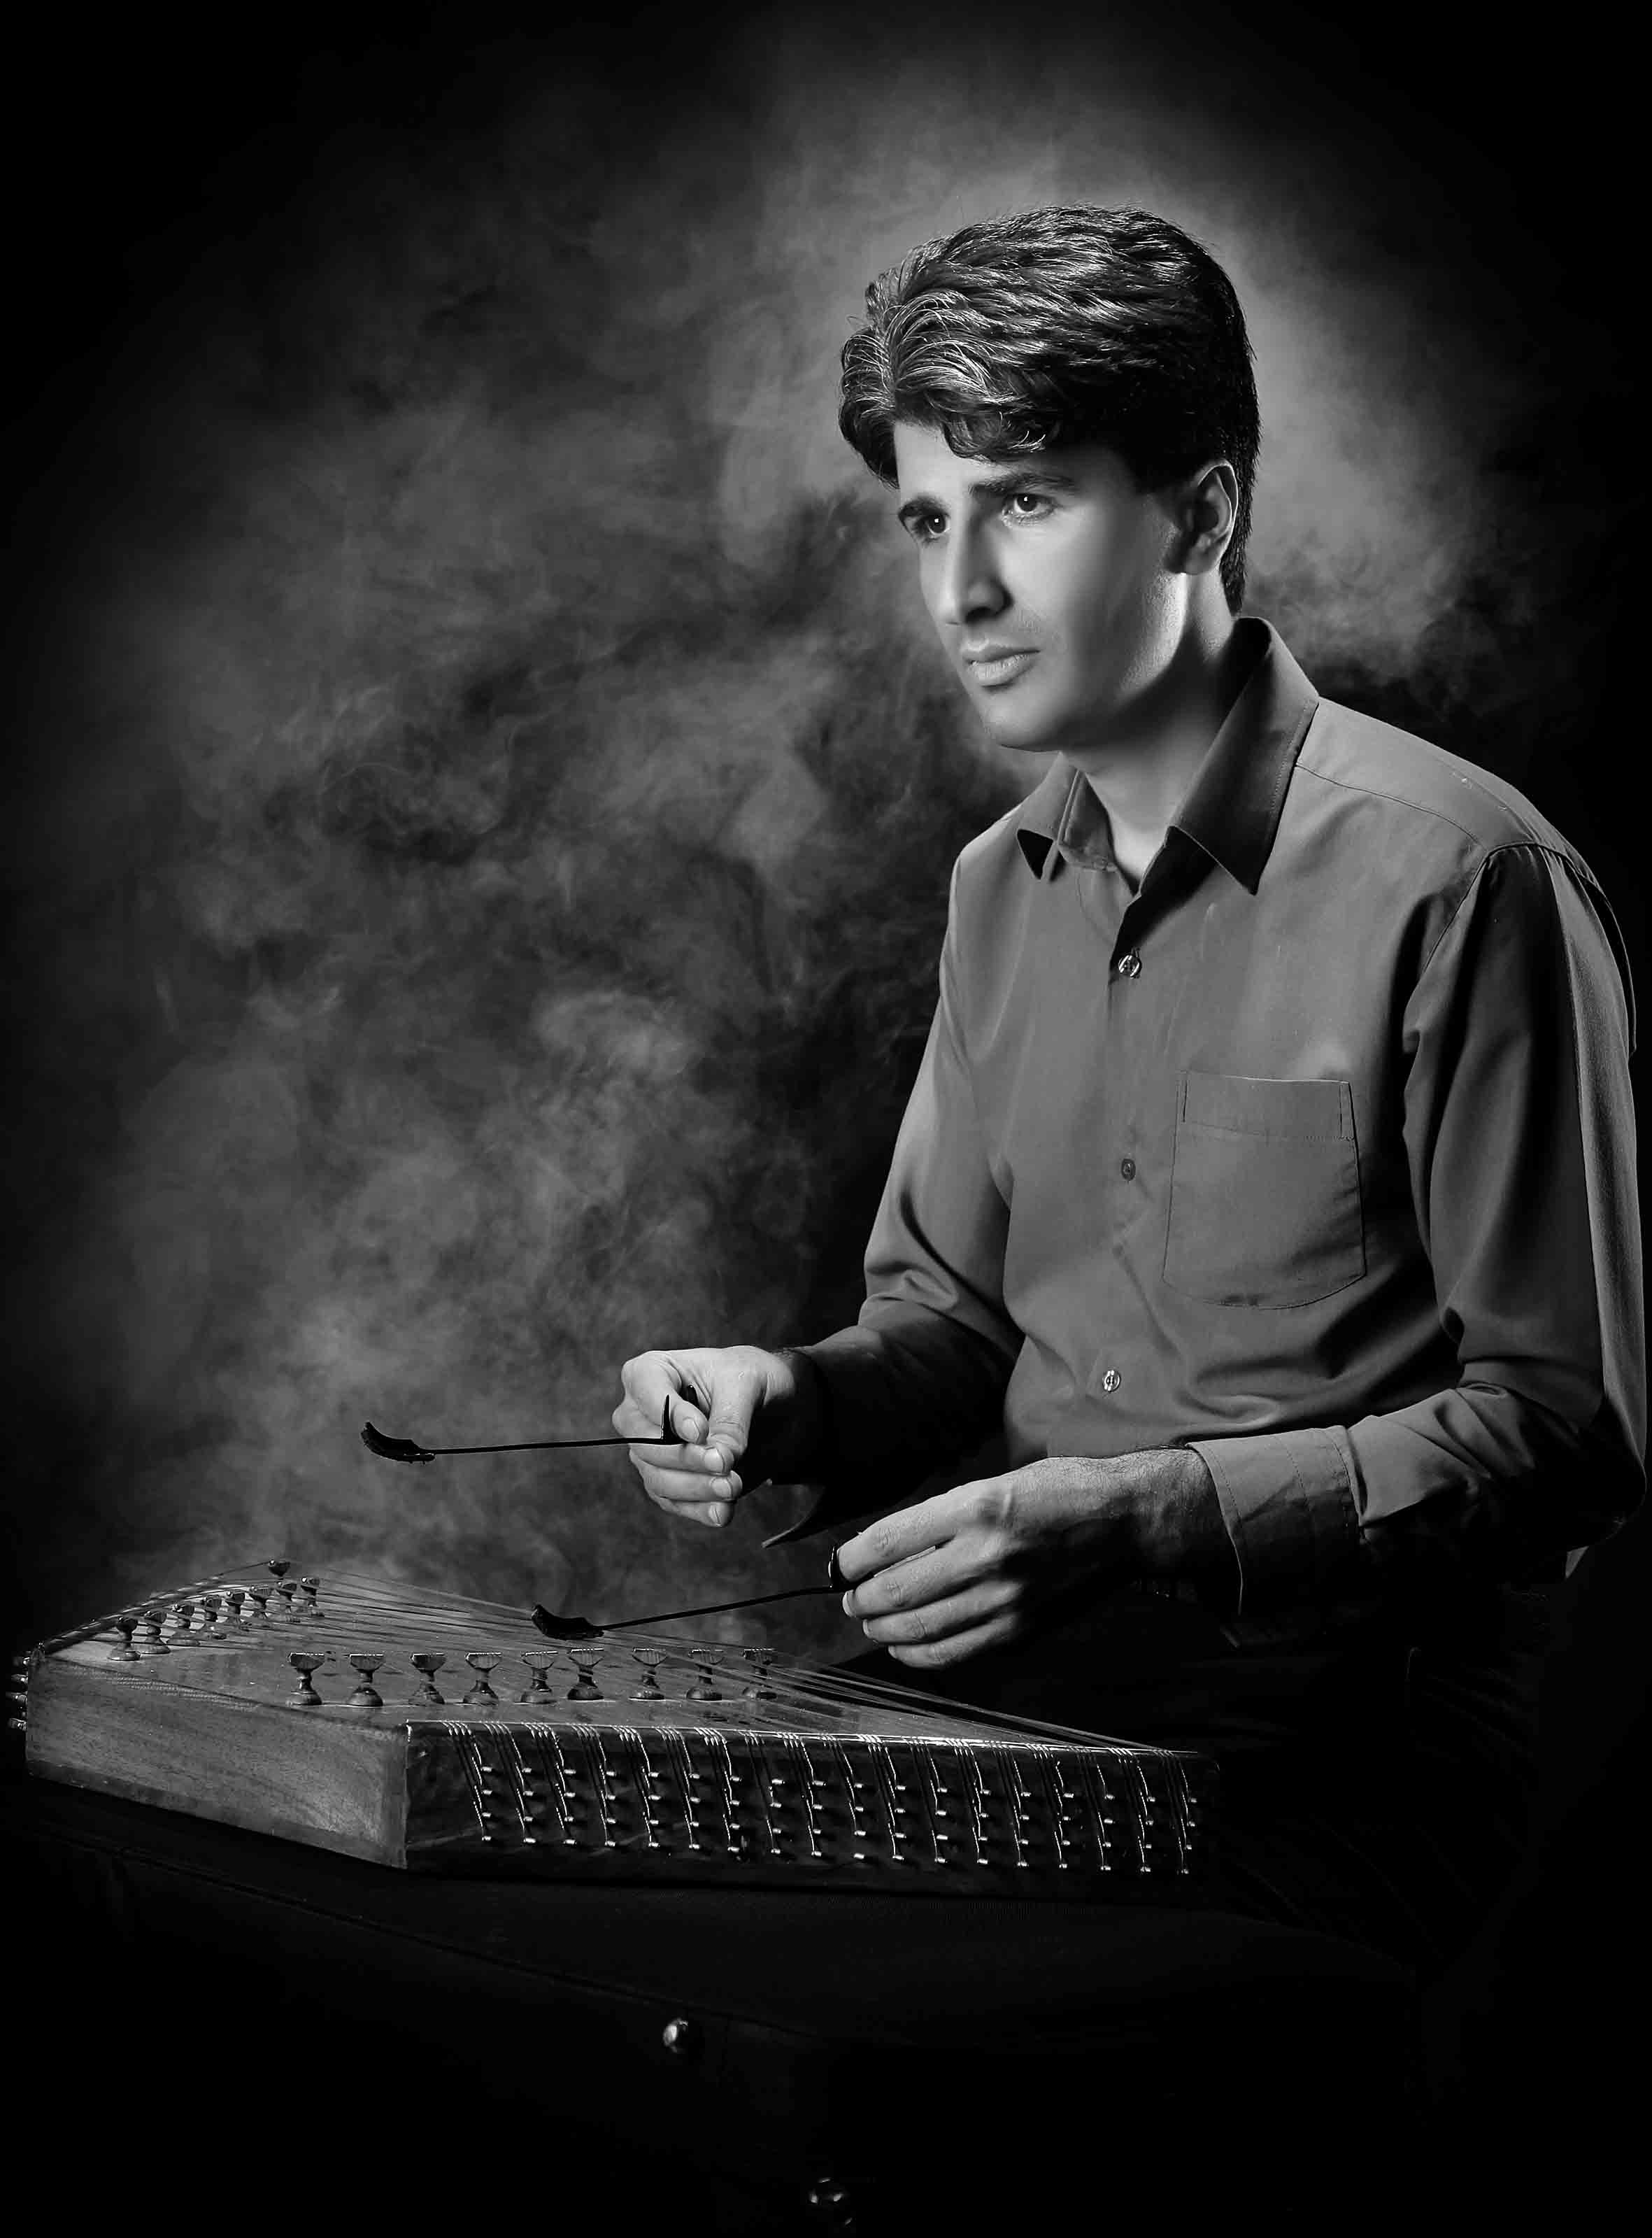 تصنیف قدیمی سیاهی شب.تنظیم برای دو سنتور و اجرا : محسن غلامی